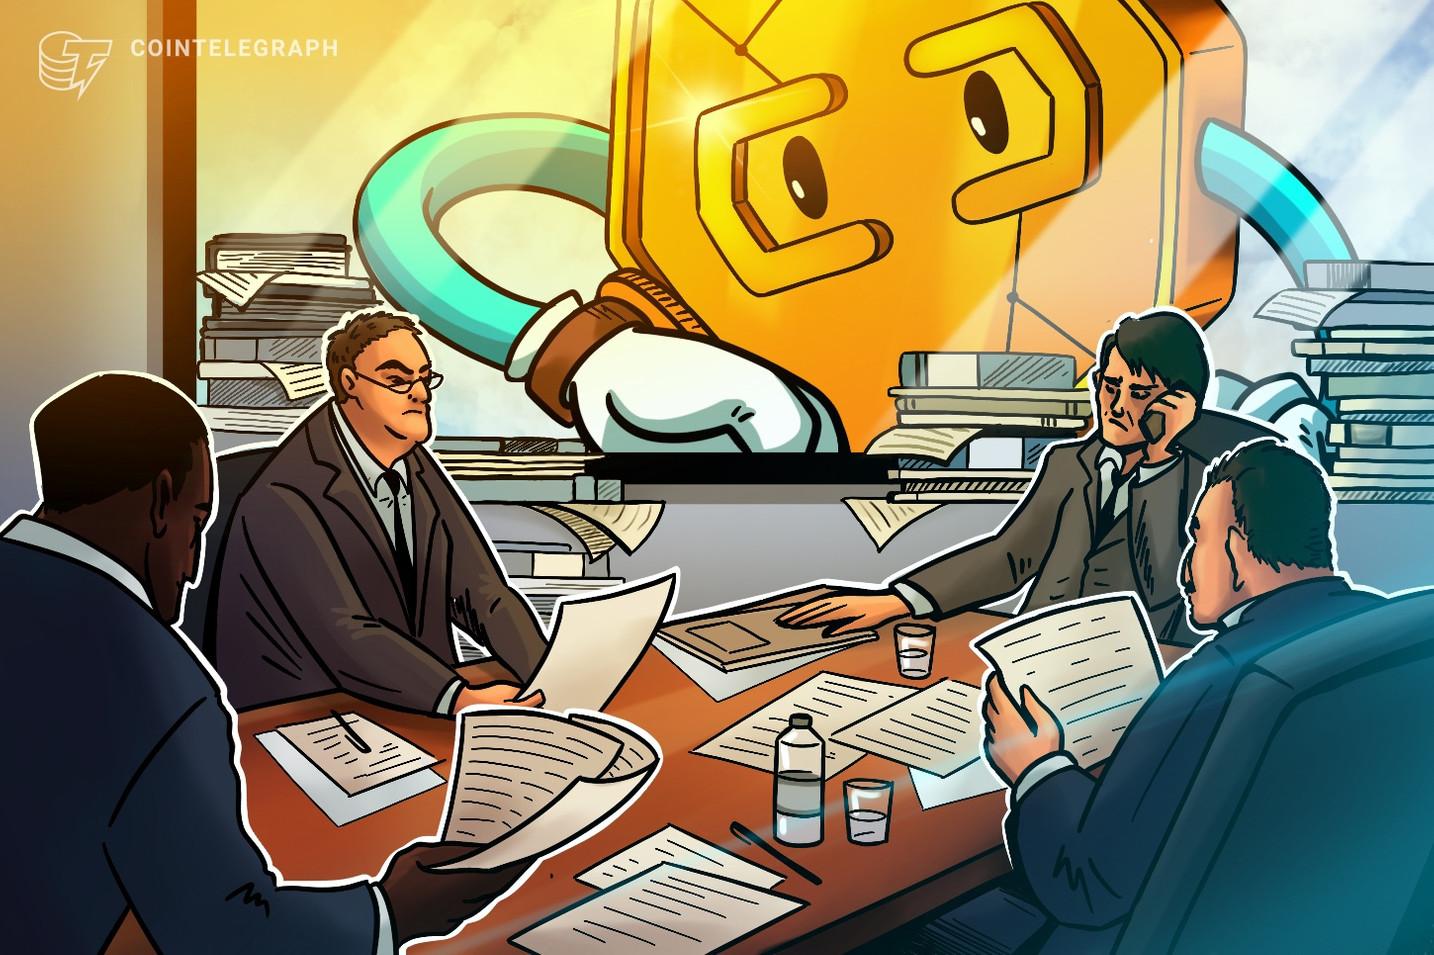 L'interesse dei regolatori è un bene per l'ecosistema crypto, sostiene il CEO di BlockFi